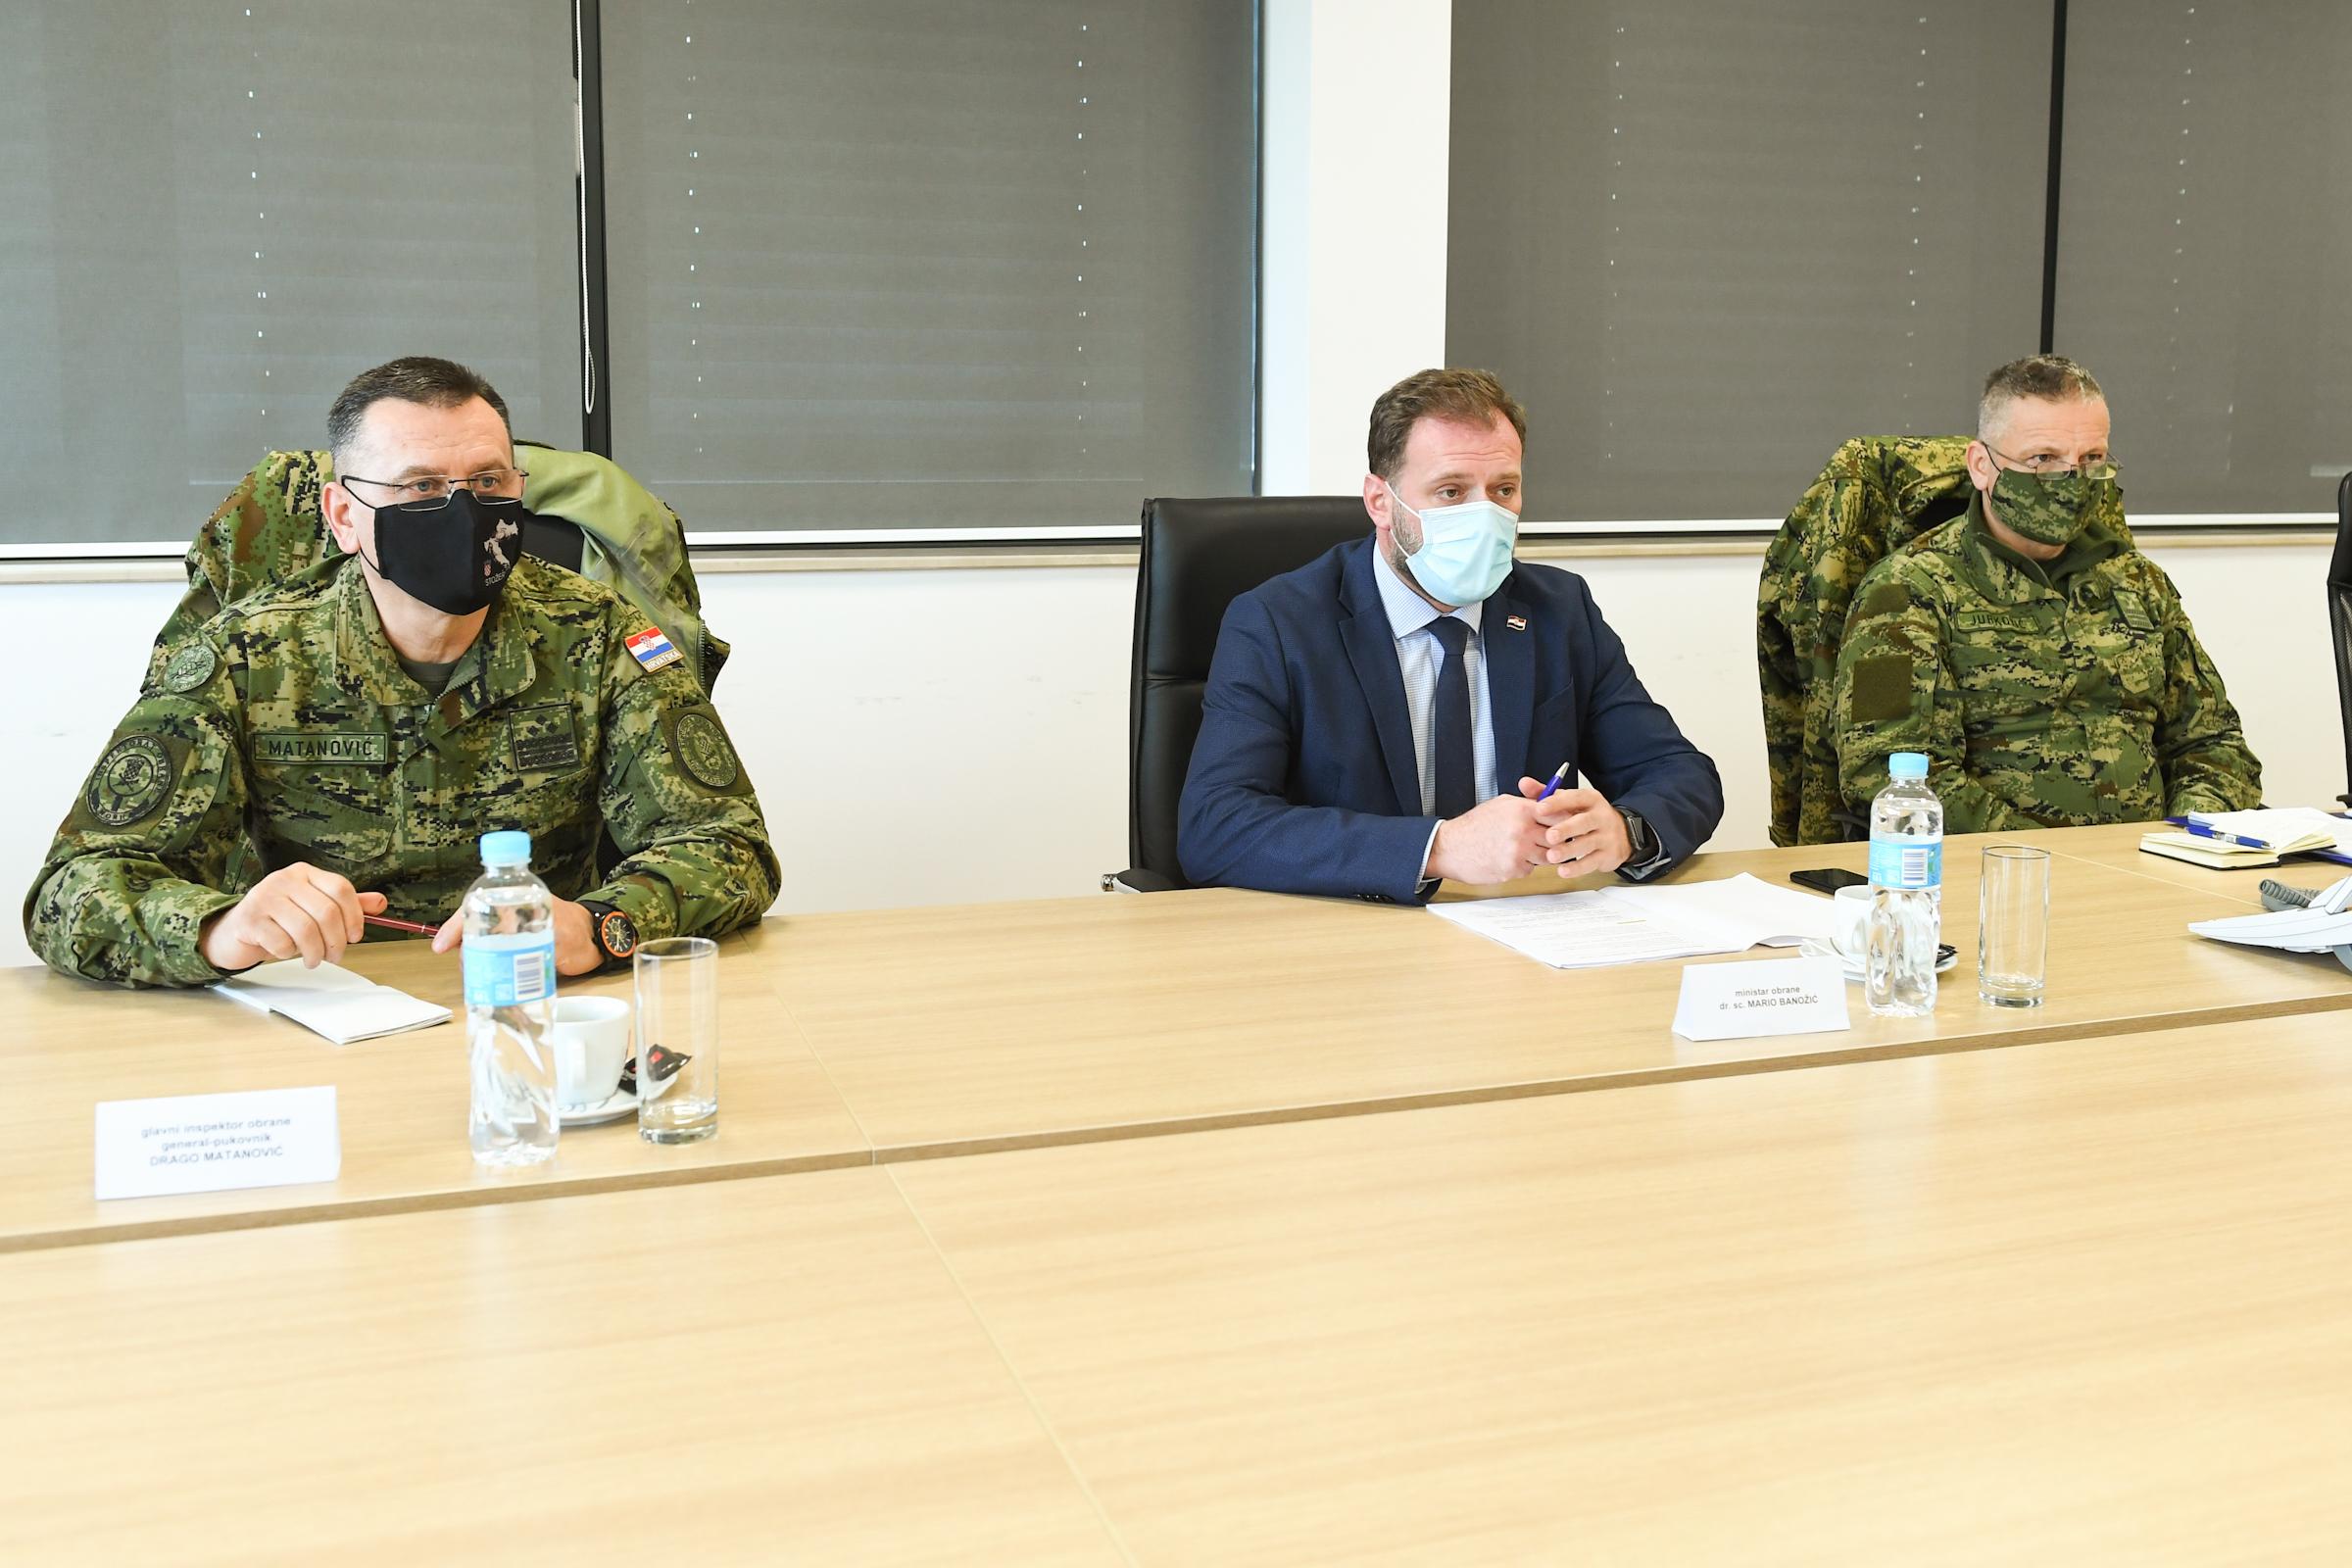 Ministar Banožić obišao je i vojarnu u Petrinji gdje je održao kolegij